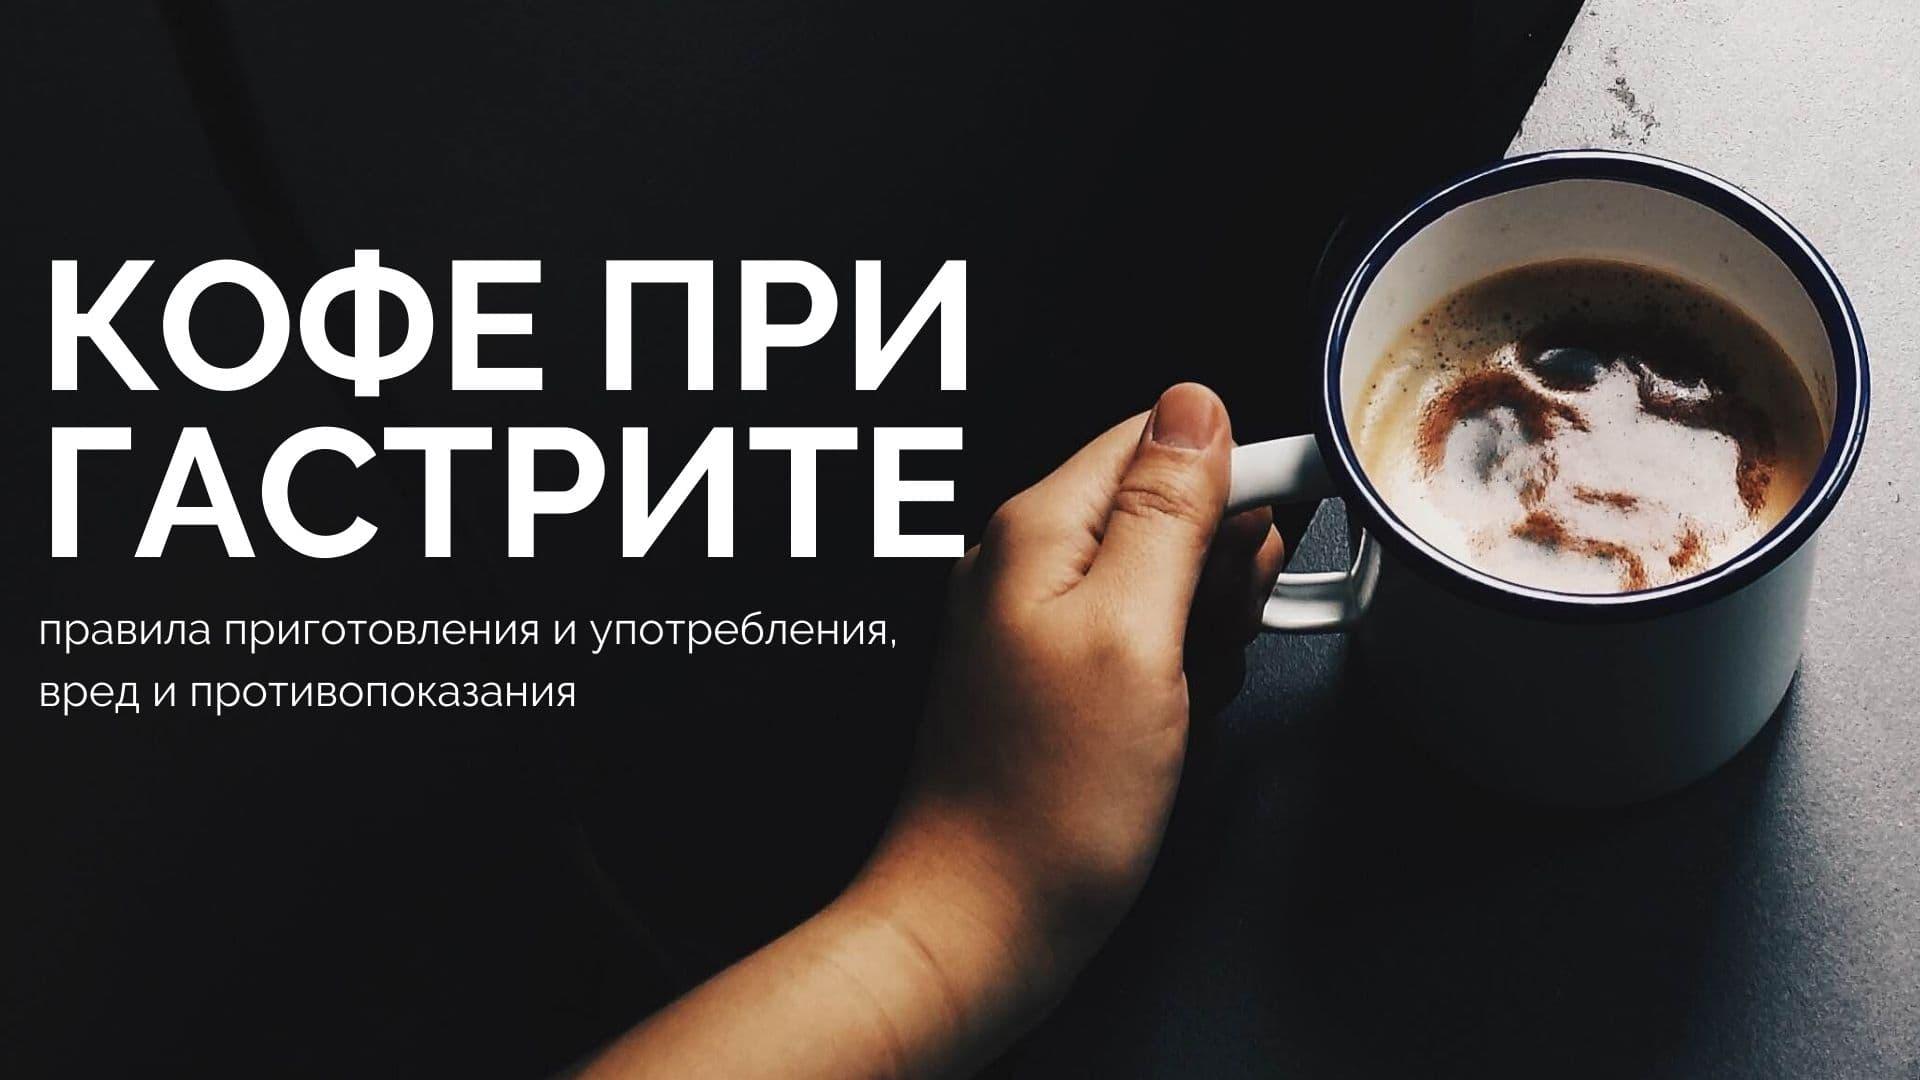 Кофе при гастрите: правила приготовления и употребления, вред и противопоказания